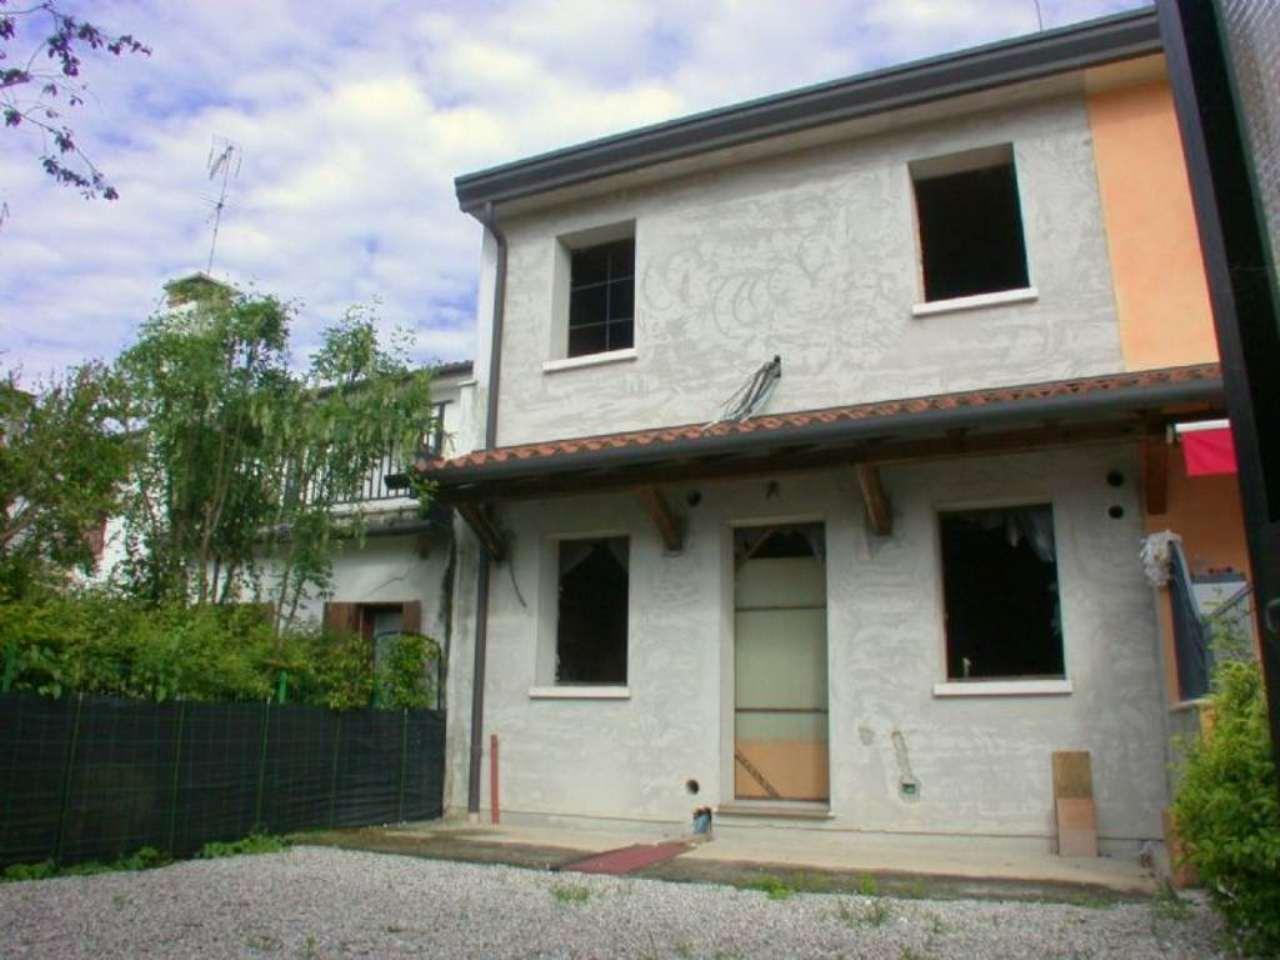 Soluzione Semindipendente in vendita a Monastier di Treviso, 8 locali, prezzo € 100.000 | CambioCasa.it